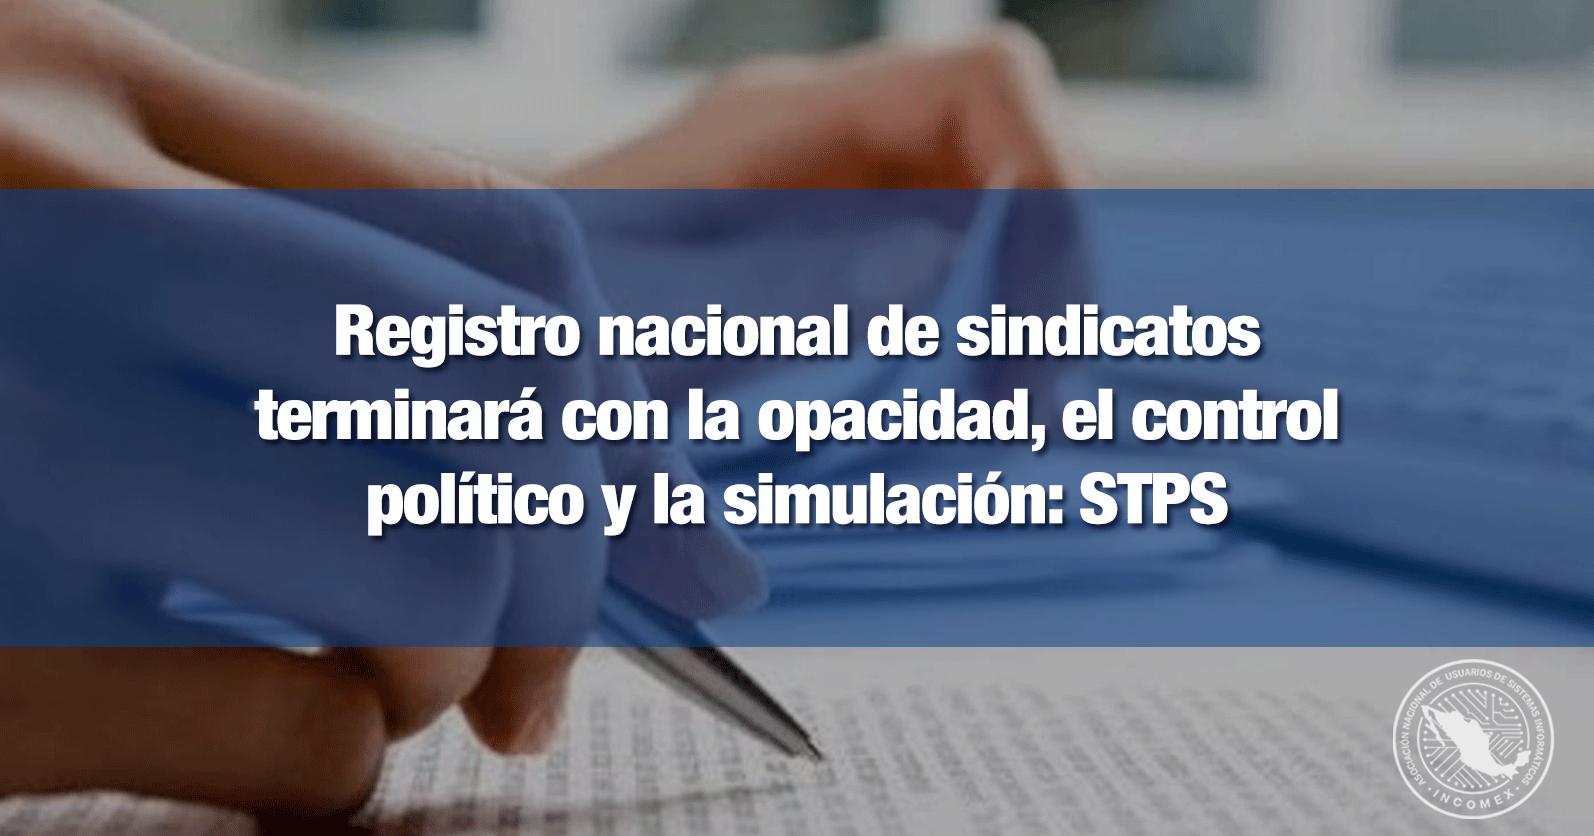 Registro nacional de sindicatos terminará con la opacidad, el control político y la simulación: STPS